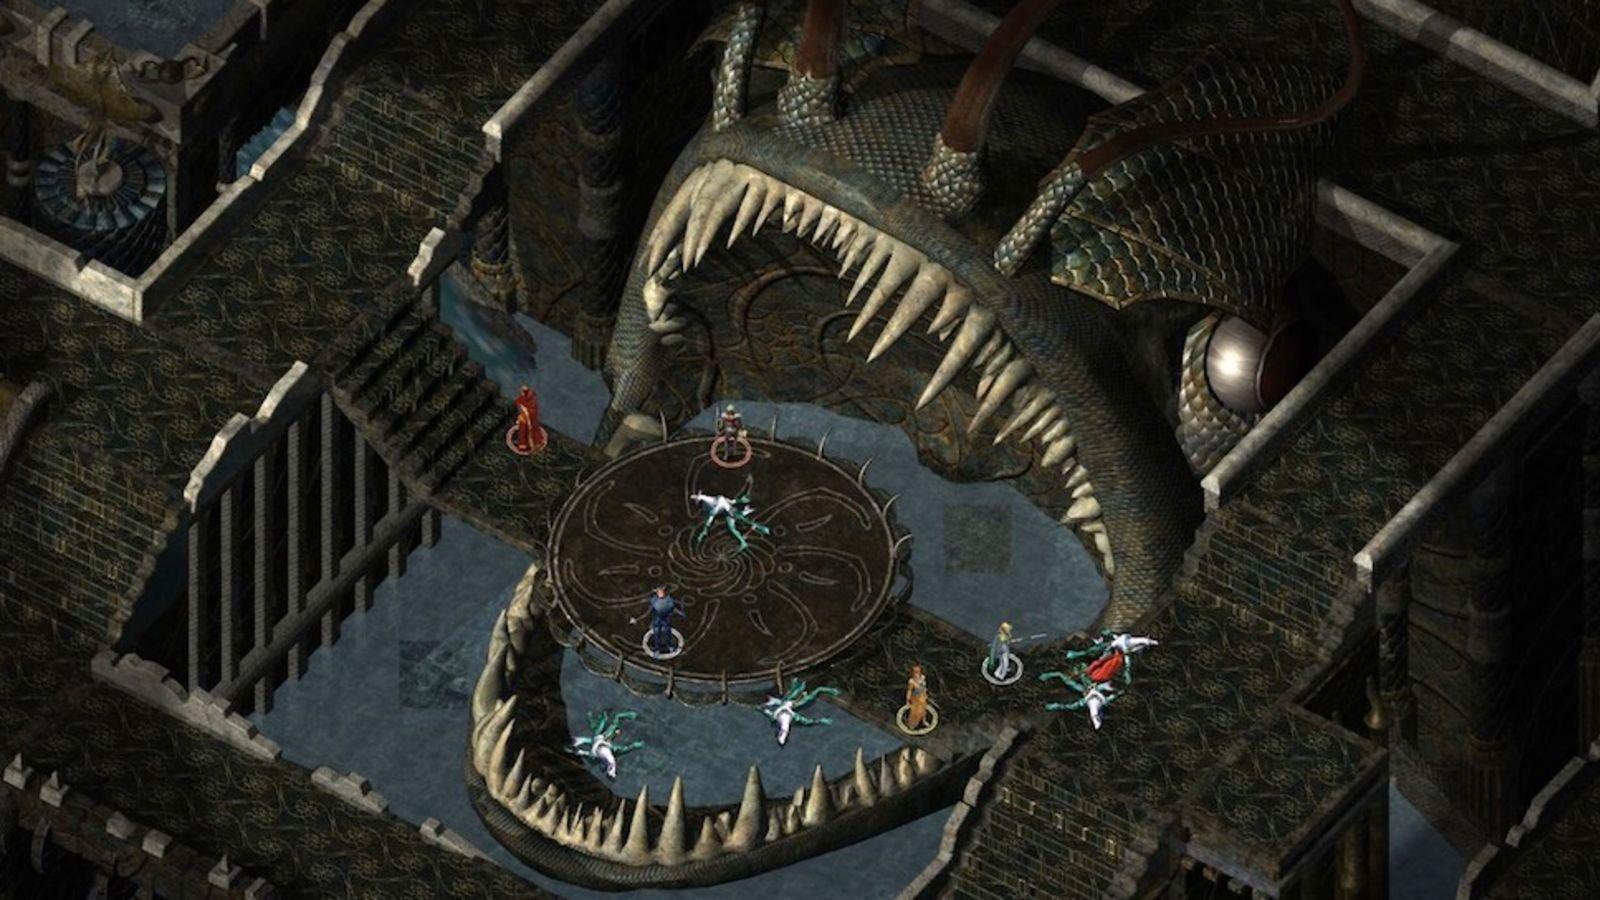 Слух: Baldur's Gate 3 находится в разработке. Но кто же за нее отвечает?